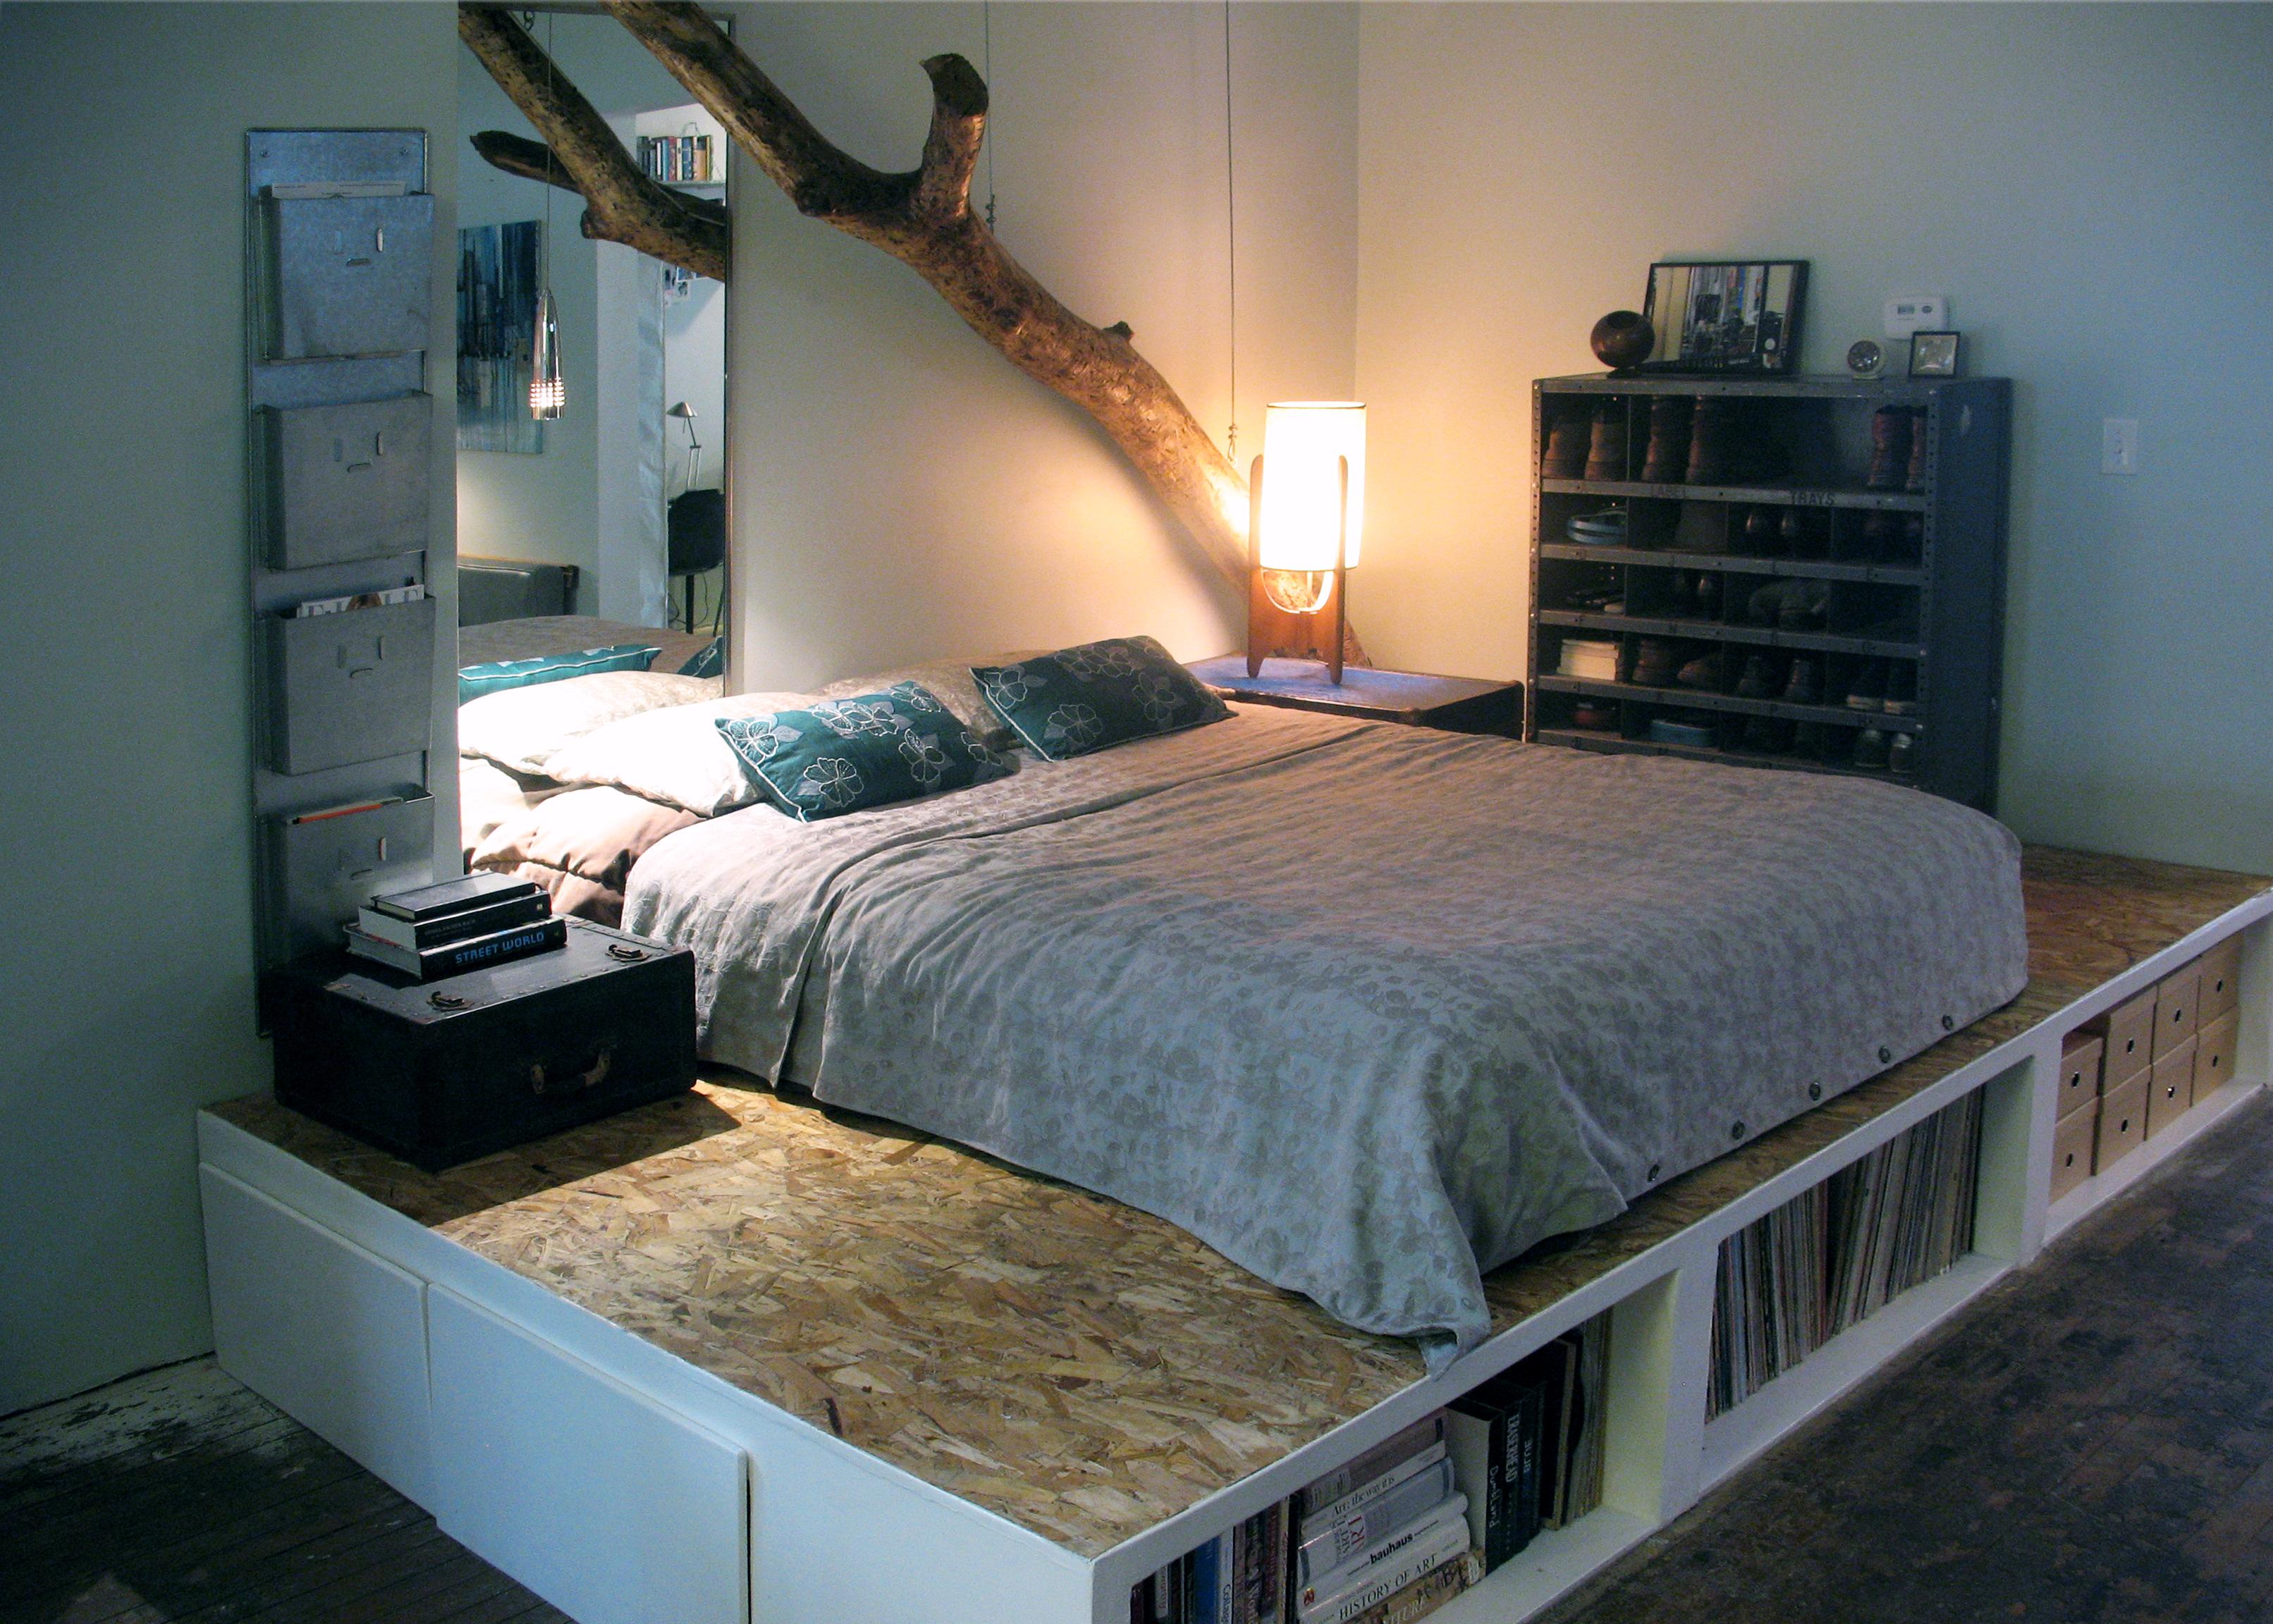 avd evad live work space by david burnett at. Black Bedroom Furniture Sets. Home Design Ideas